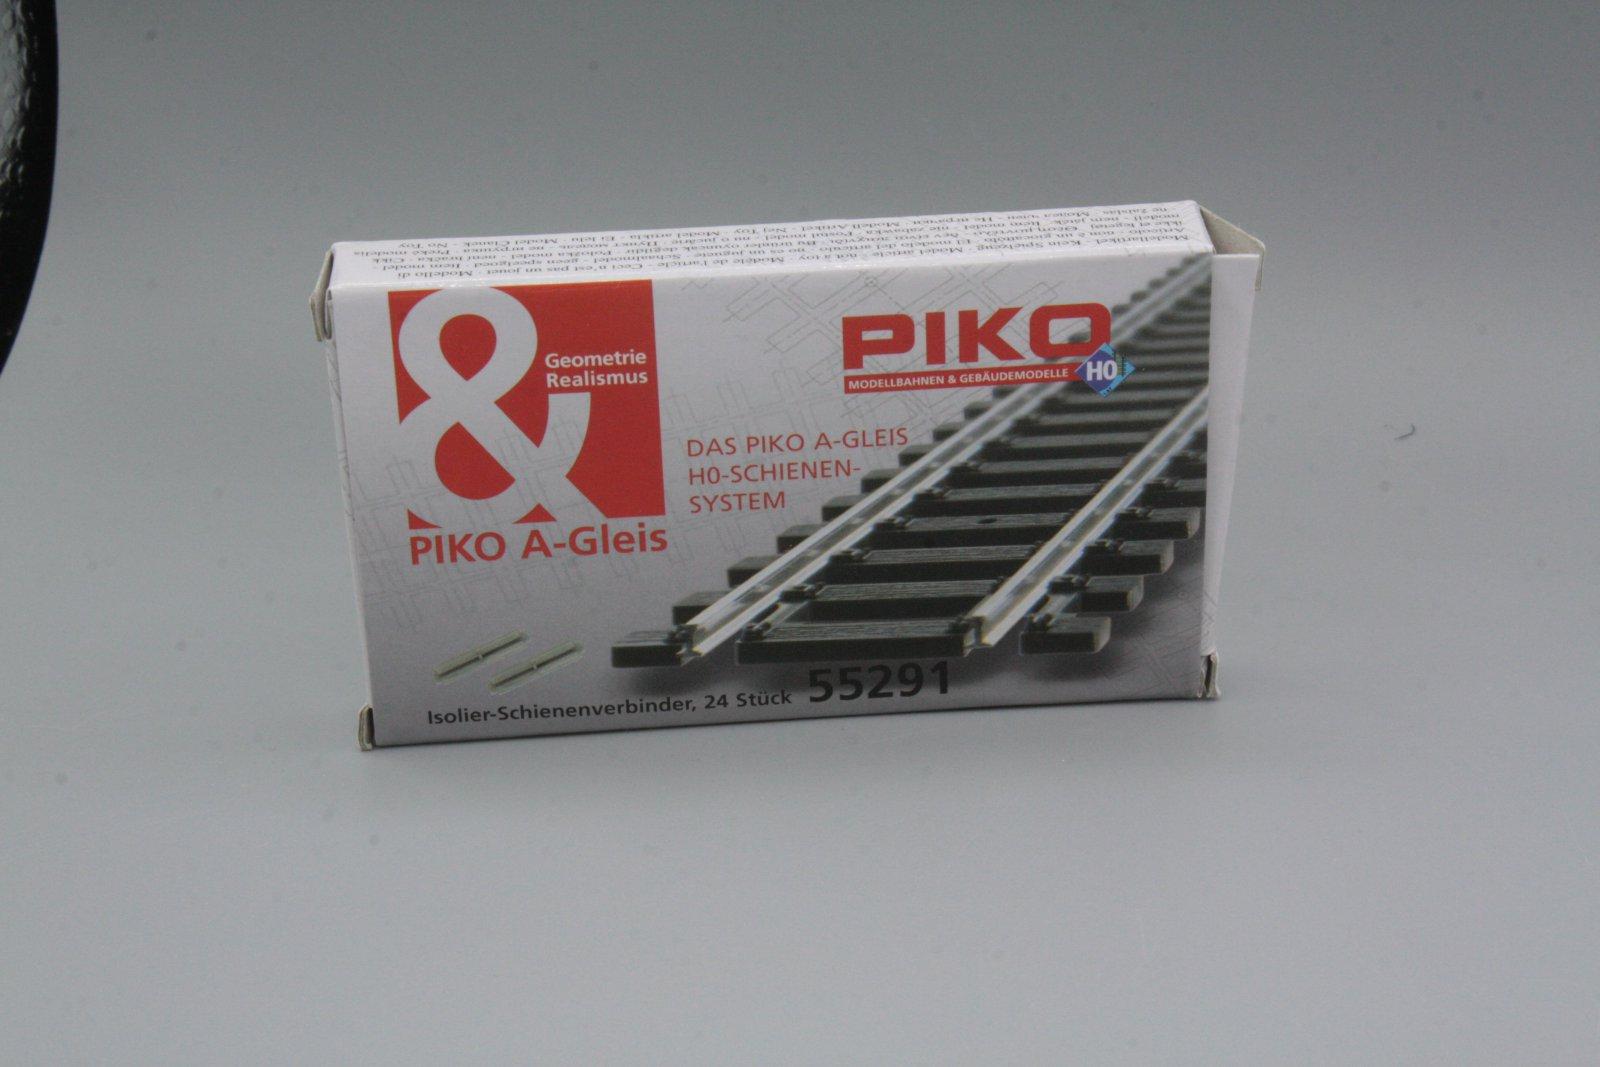 Piko 55291 H0-Isolier-Schienenverbinder Kunststoff 24 Stück - Neuware